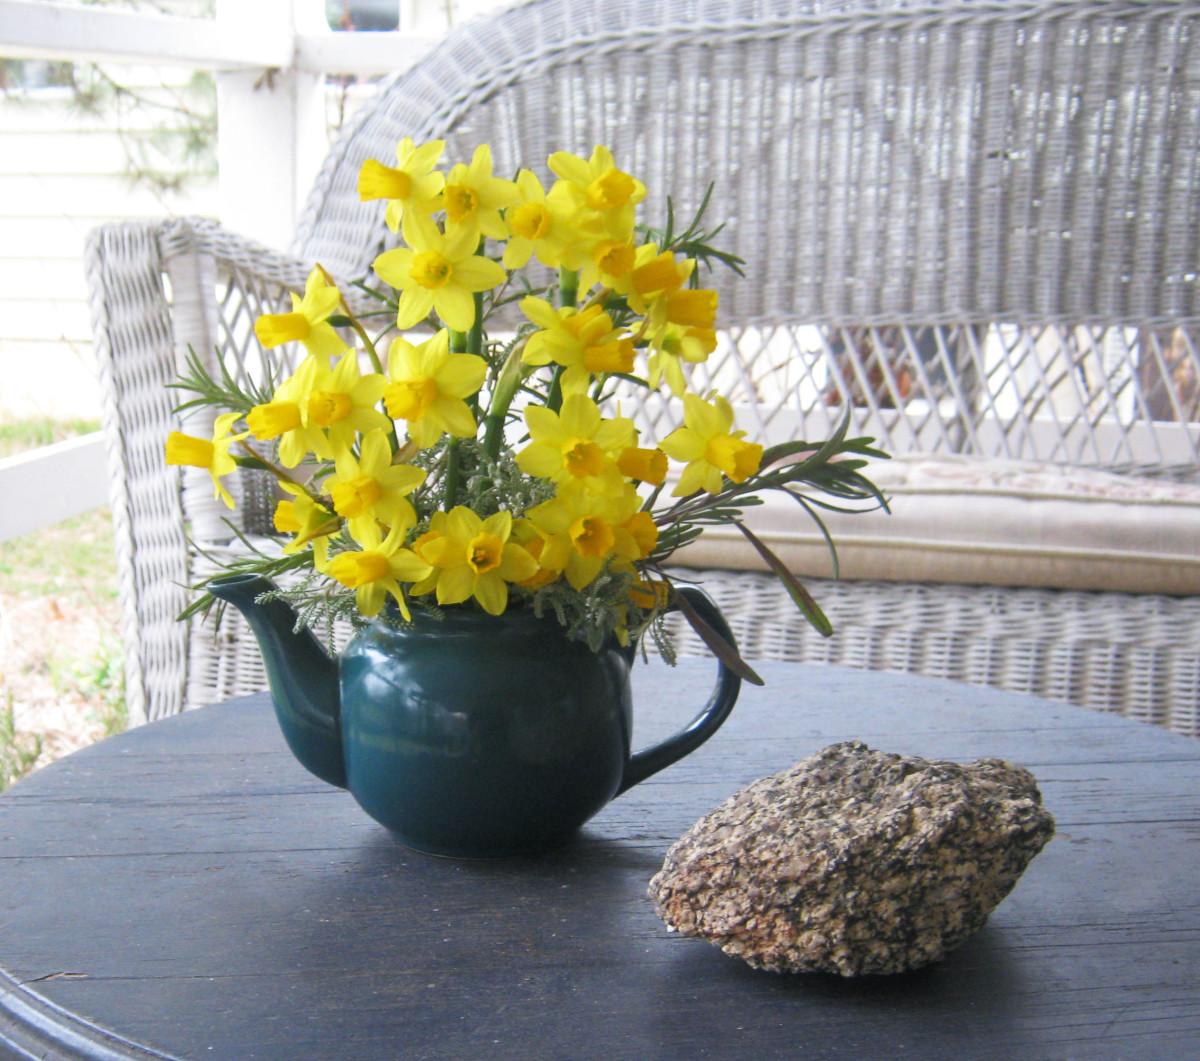 Dwarf daffodils in a small tea pot.